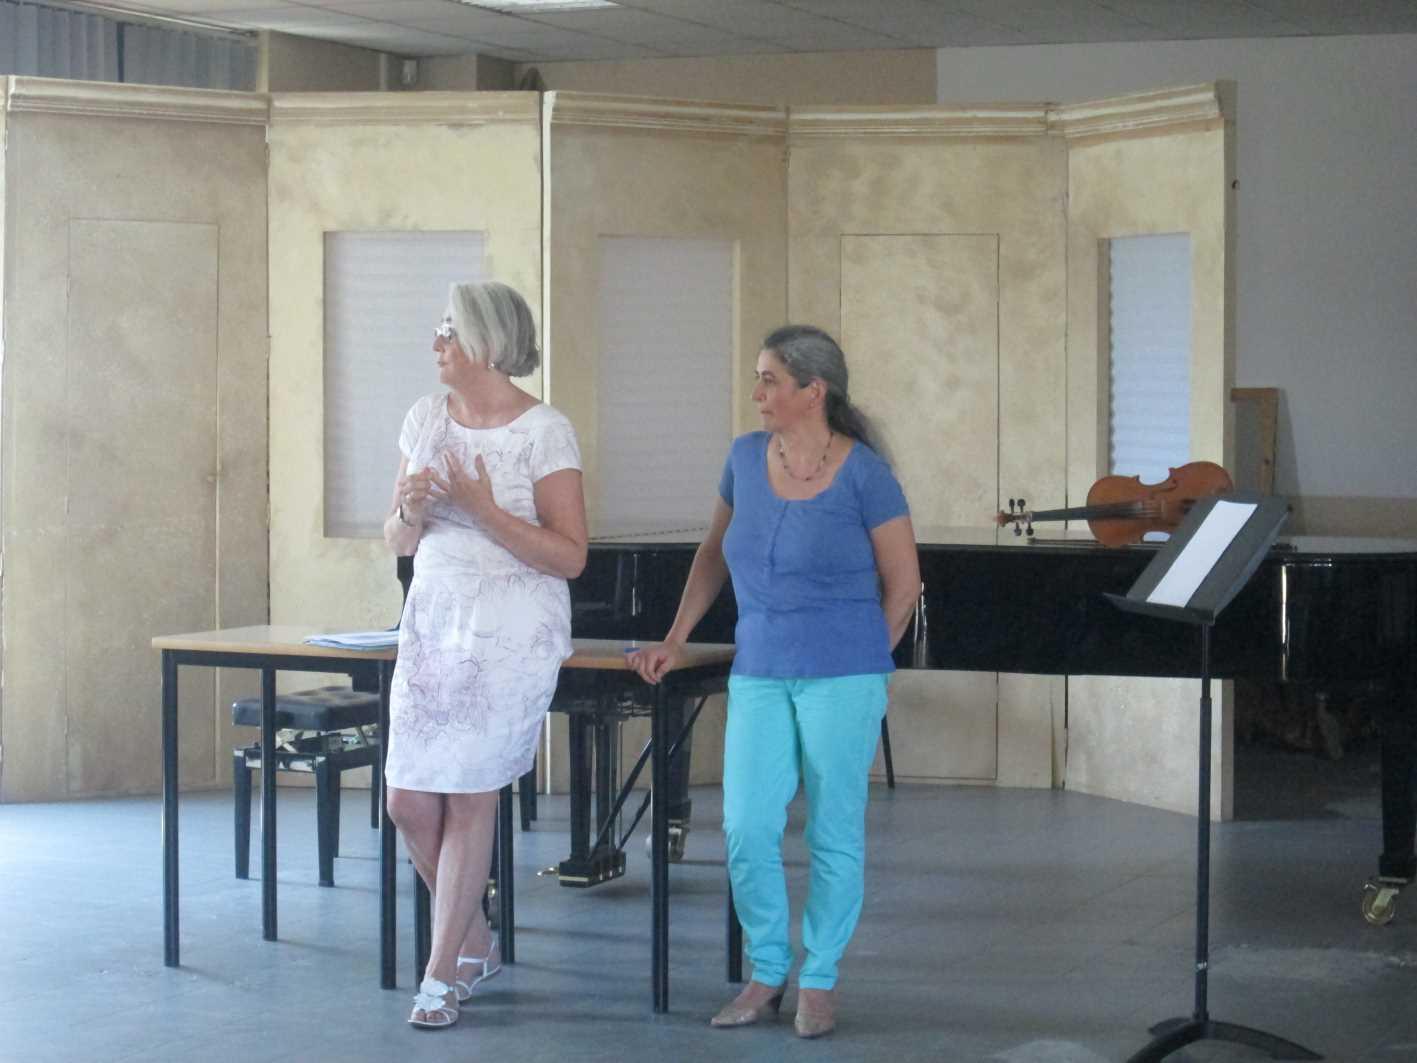 Seminario a Frosinone: Jill Comerford, già prima viola dell'Arena di Verona, parla di come il Nuovo Approccio Havas l'ha aiutata